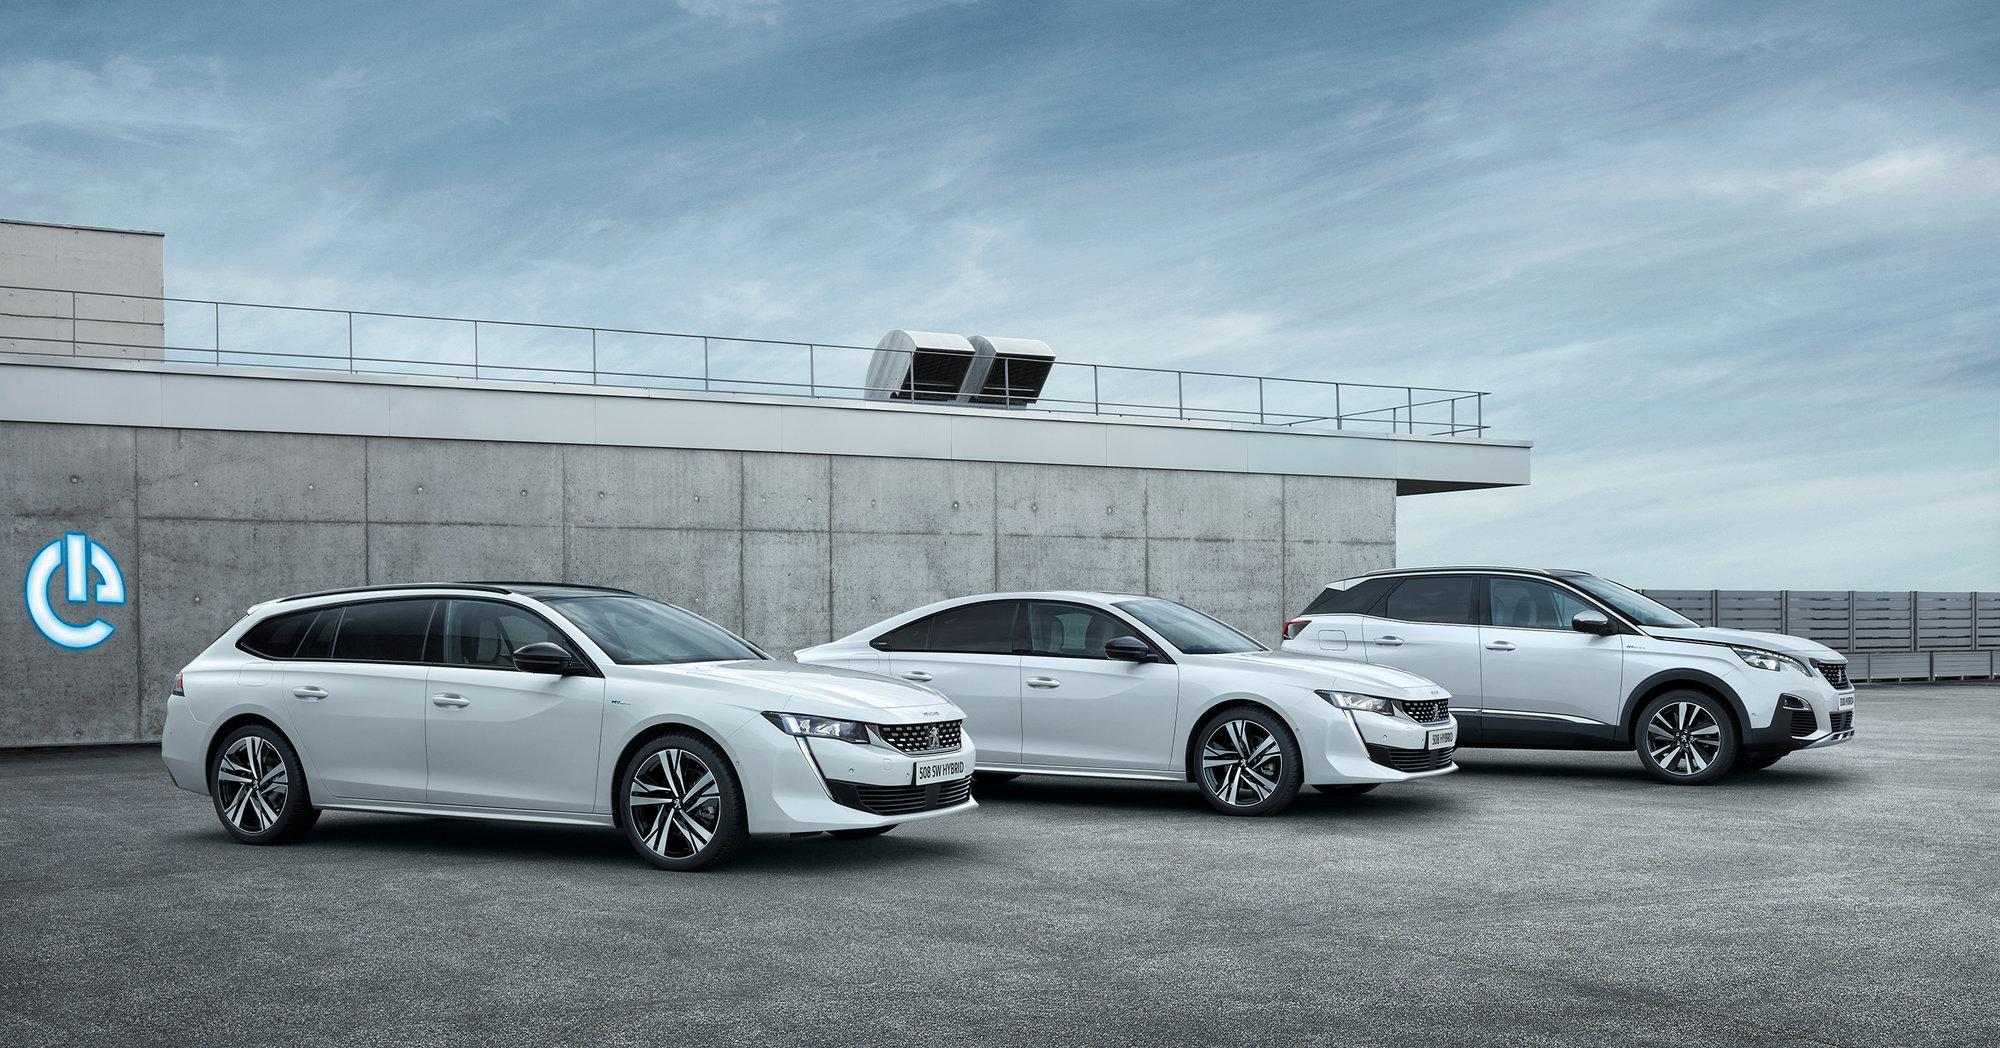 Francouzská ofenzíva: Peugeot chce ovládnout místní trh s elektromobily - anotační obrázek